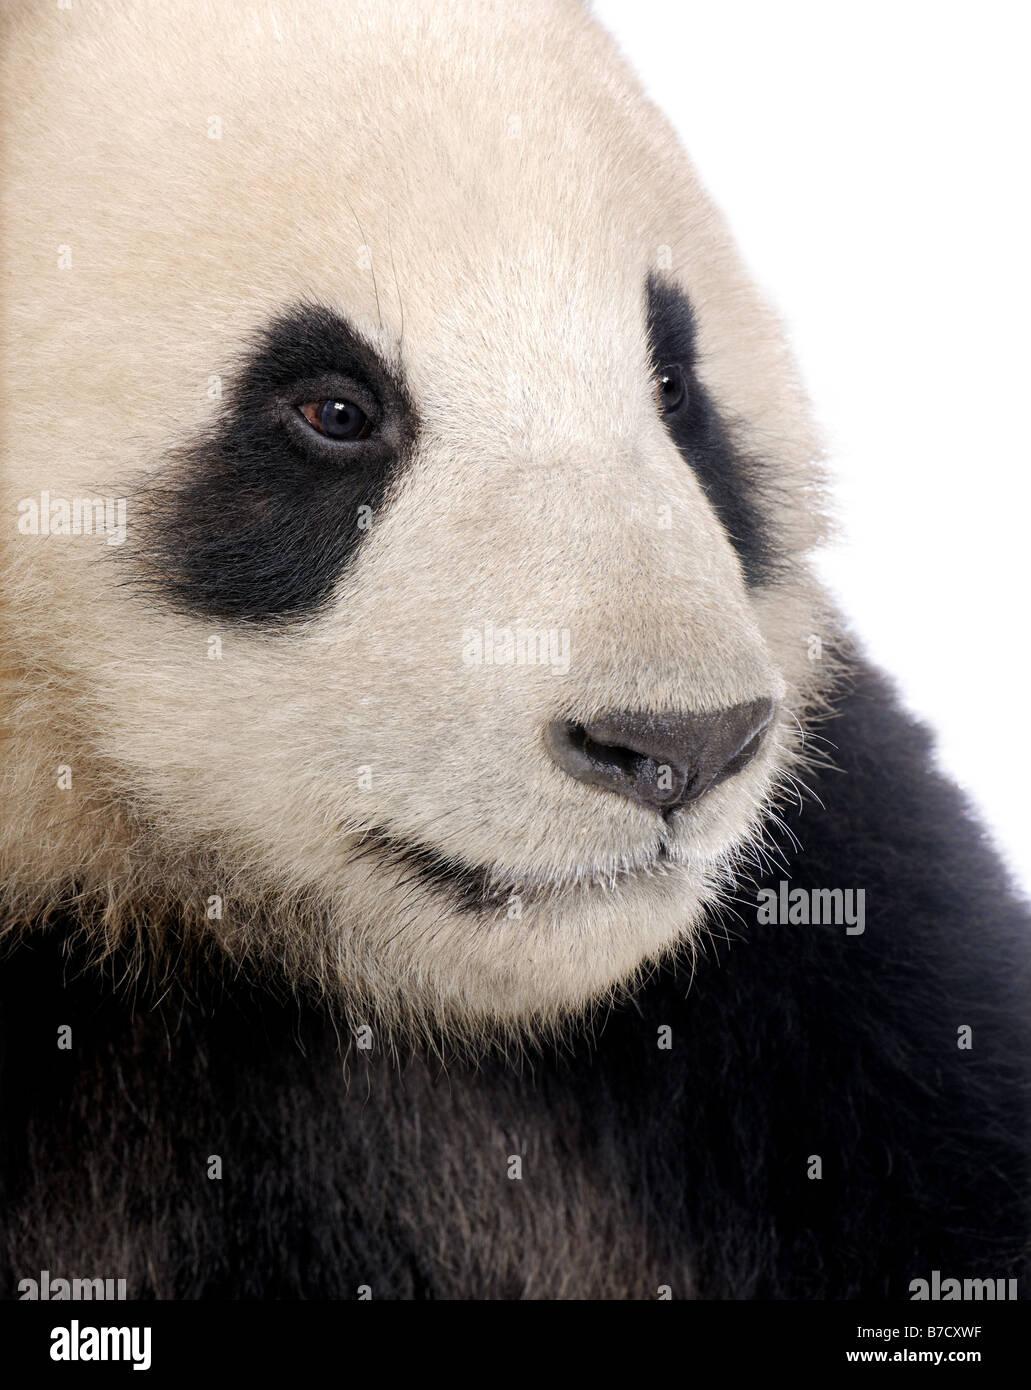 Panda gigante diciotto mesi Ailuropoda melanoleuca davanti a uno sfondo bianco Immagini Stock